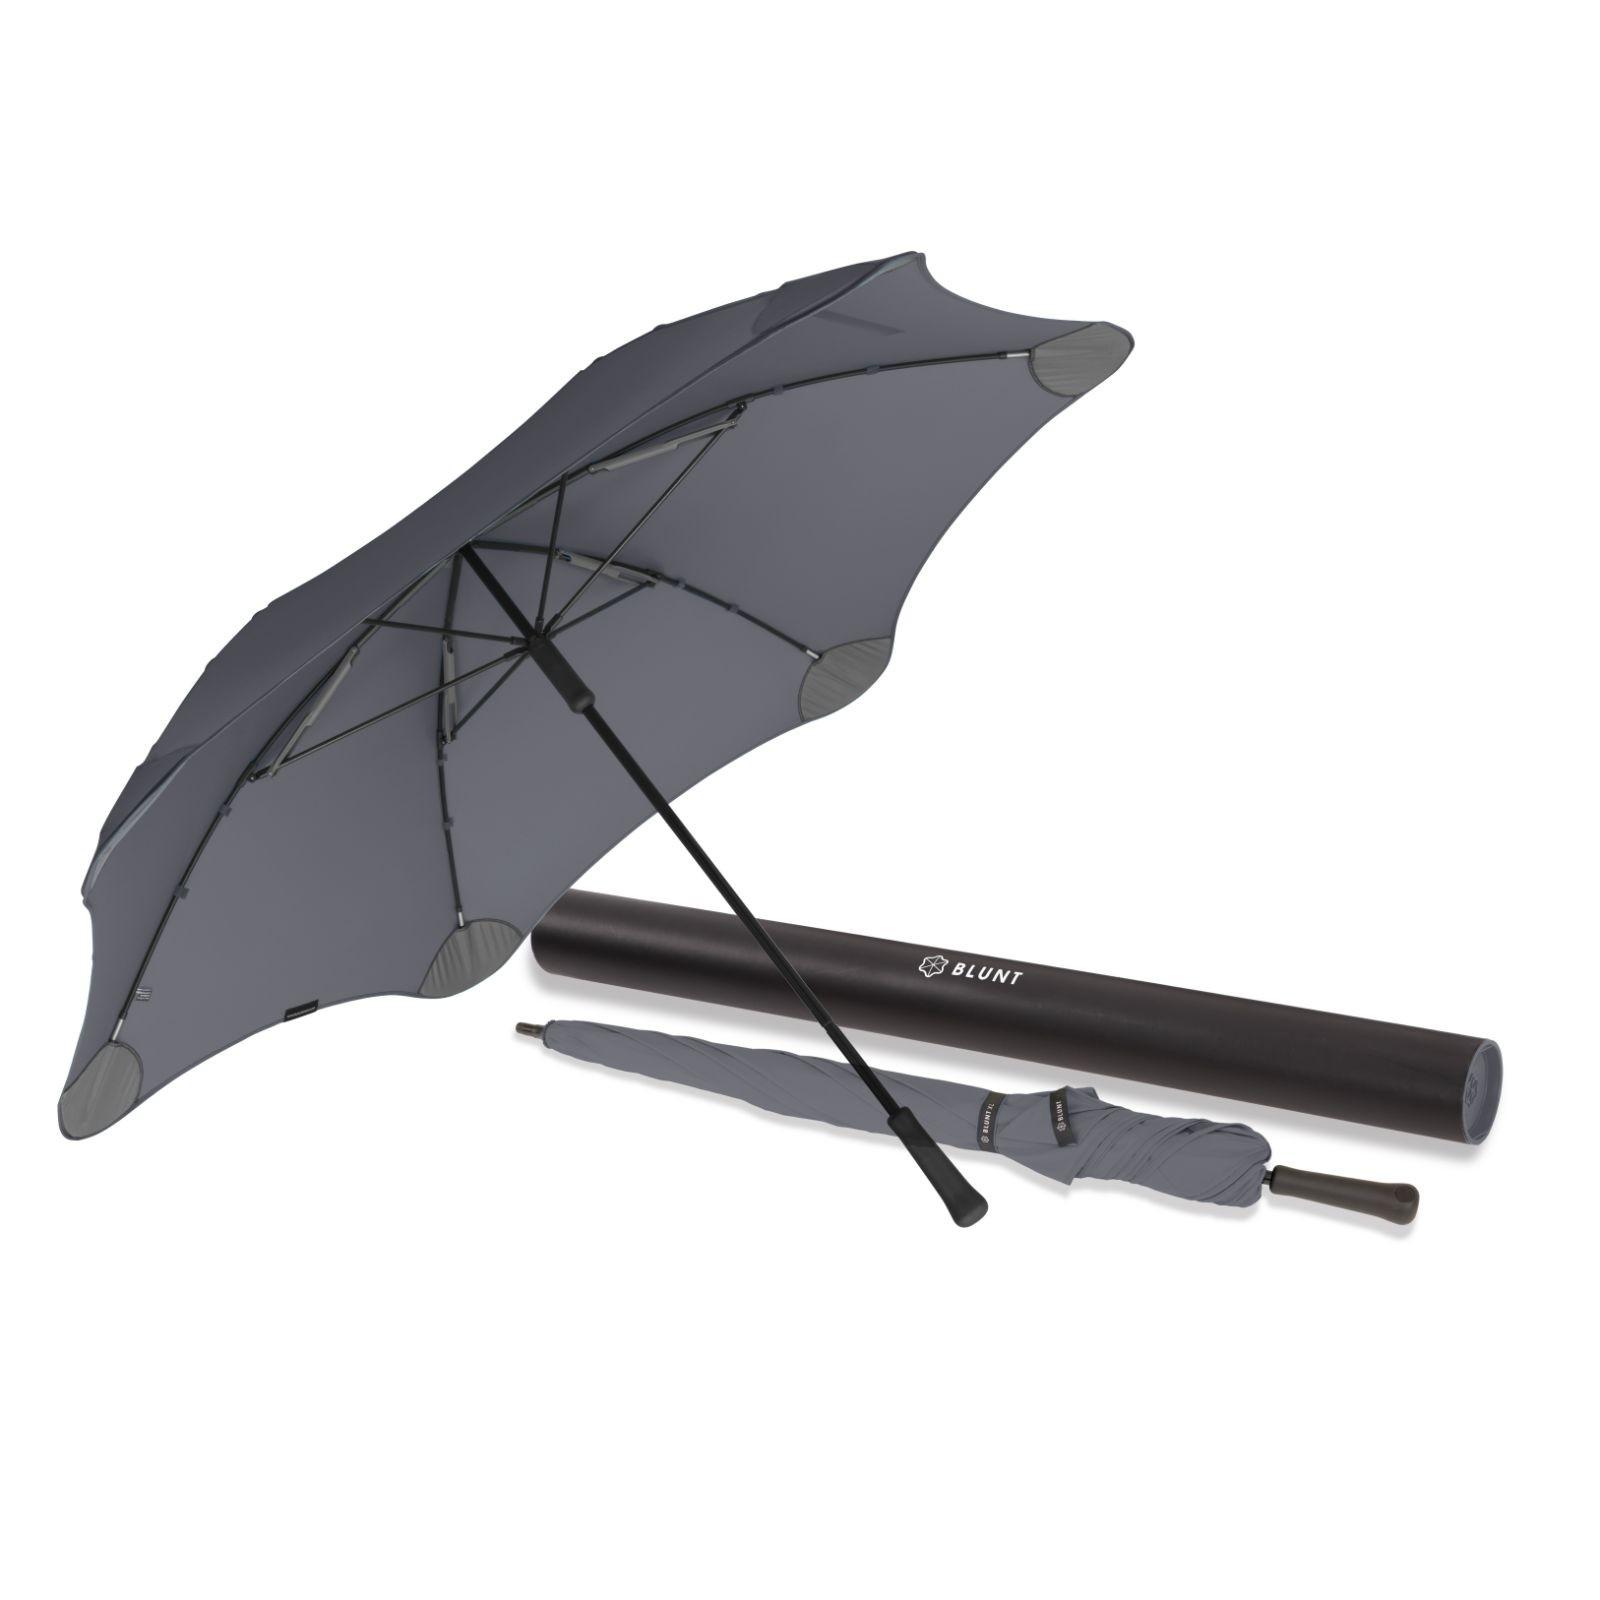 BLUNT™ XL Storm Umbrella (Charcoal) - Blunt